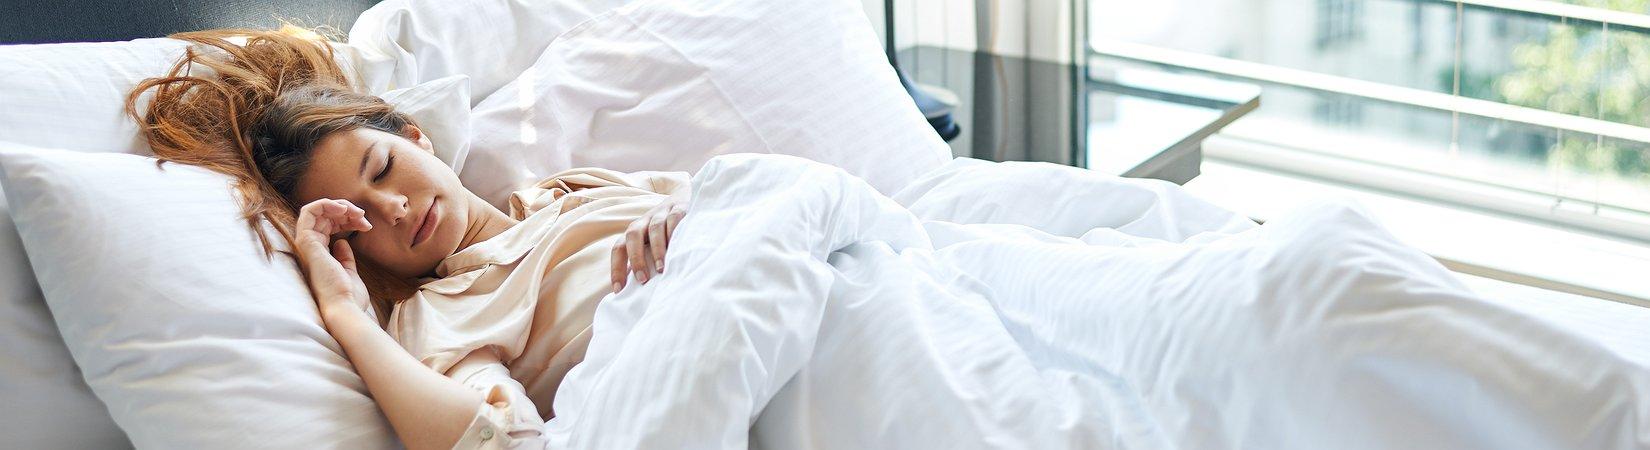 12 consejos que te ayudarán a dormir mejor